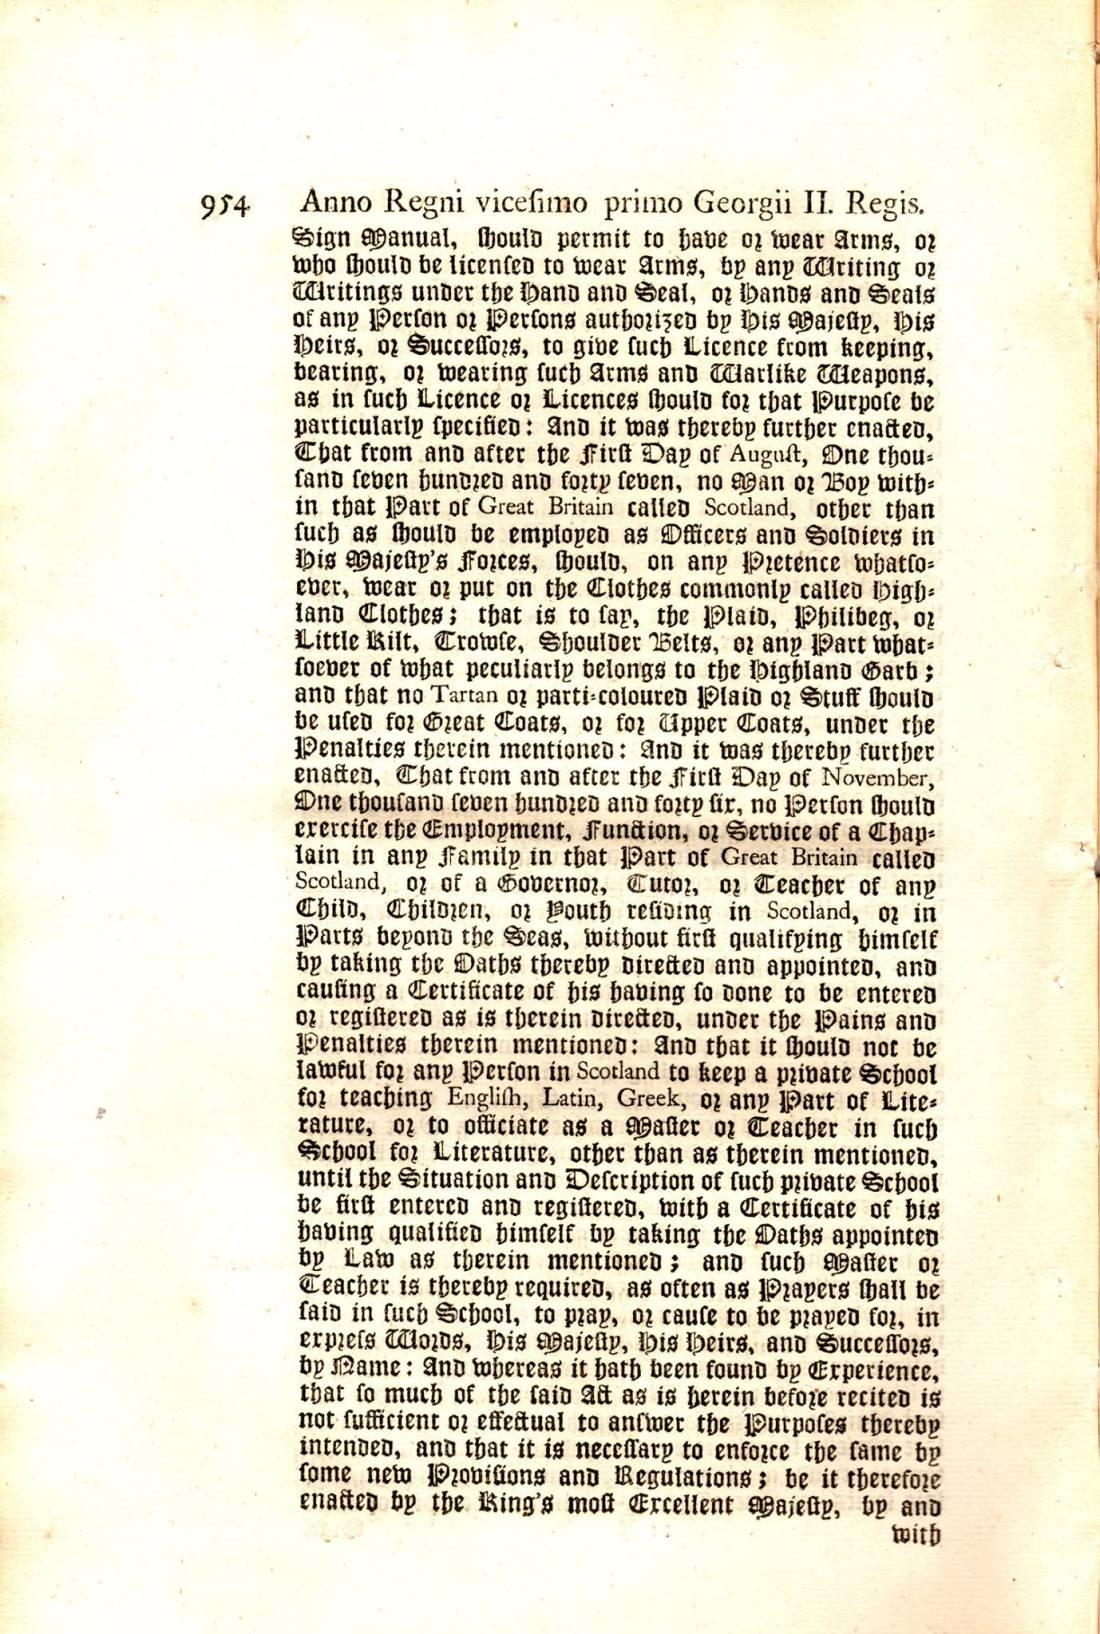 Act 1748e